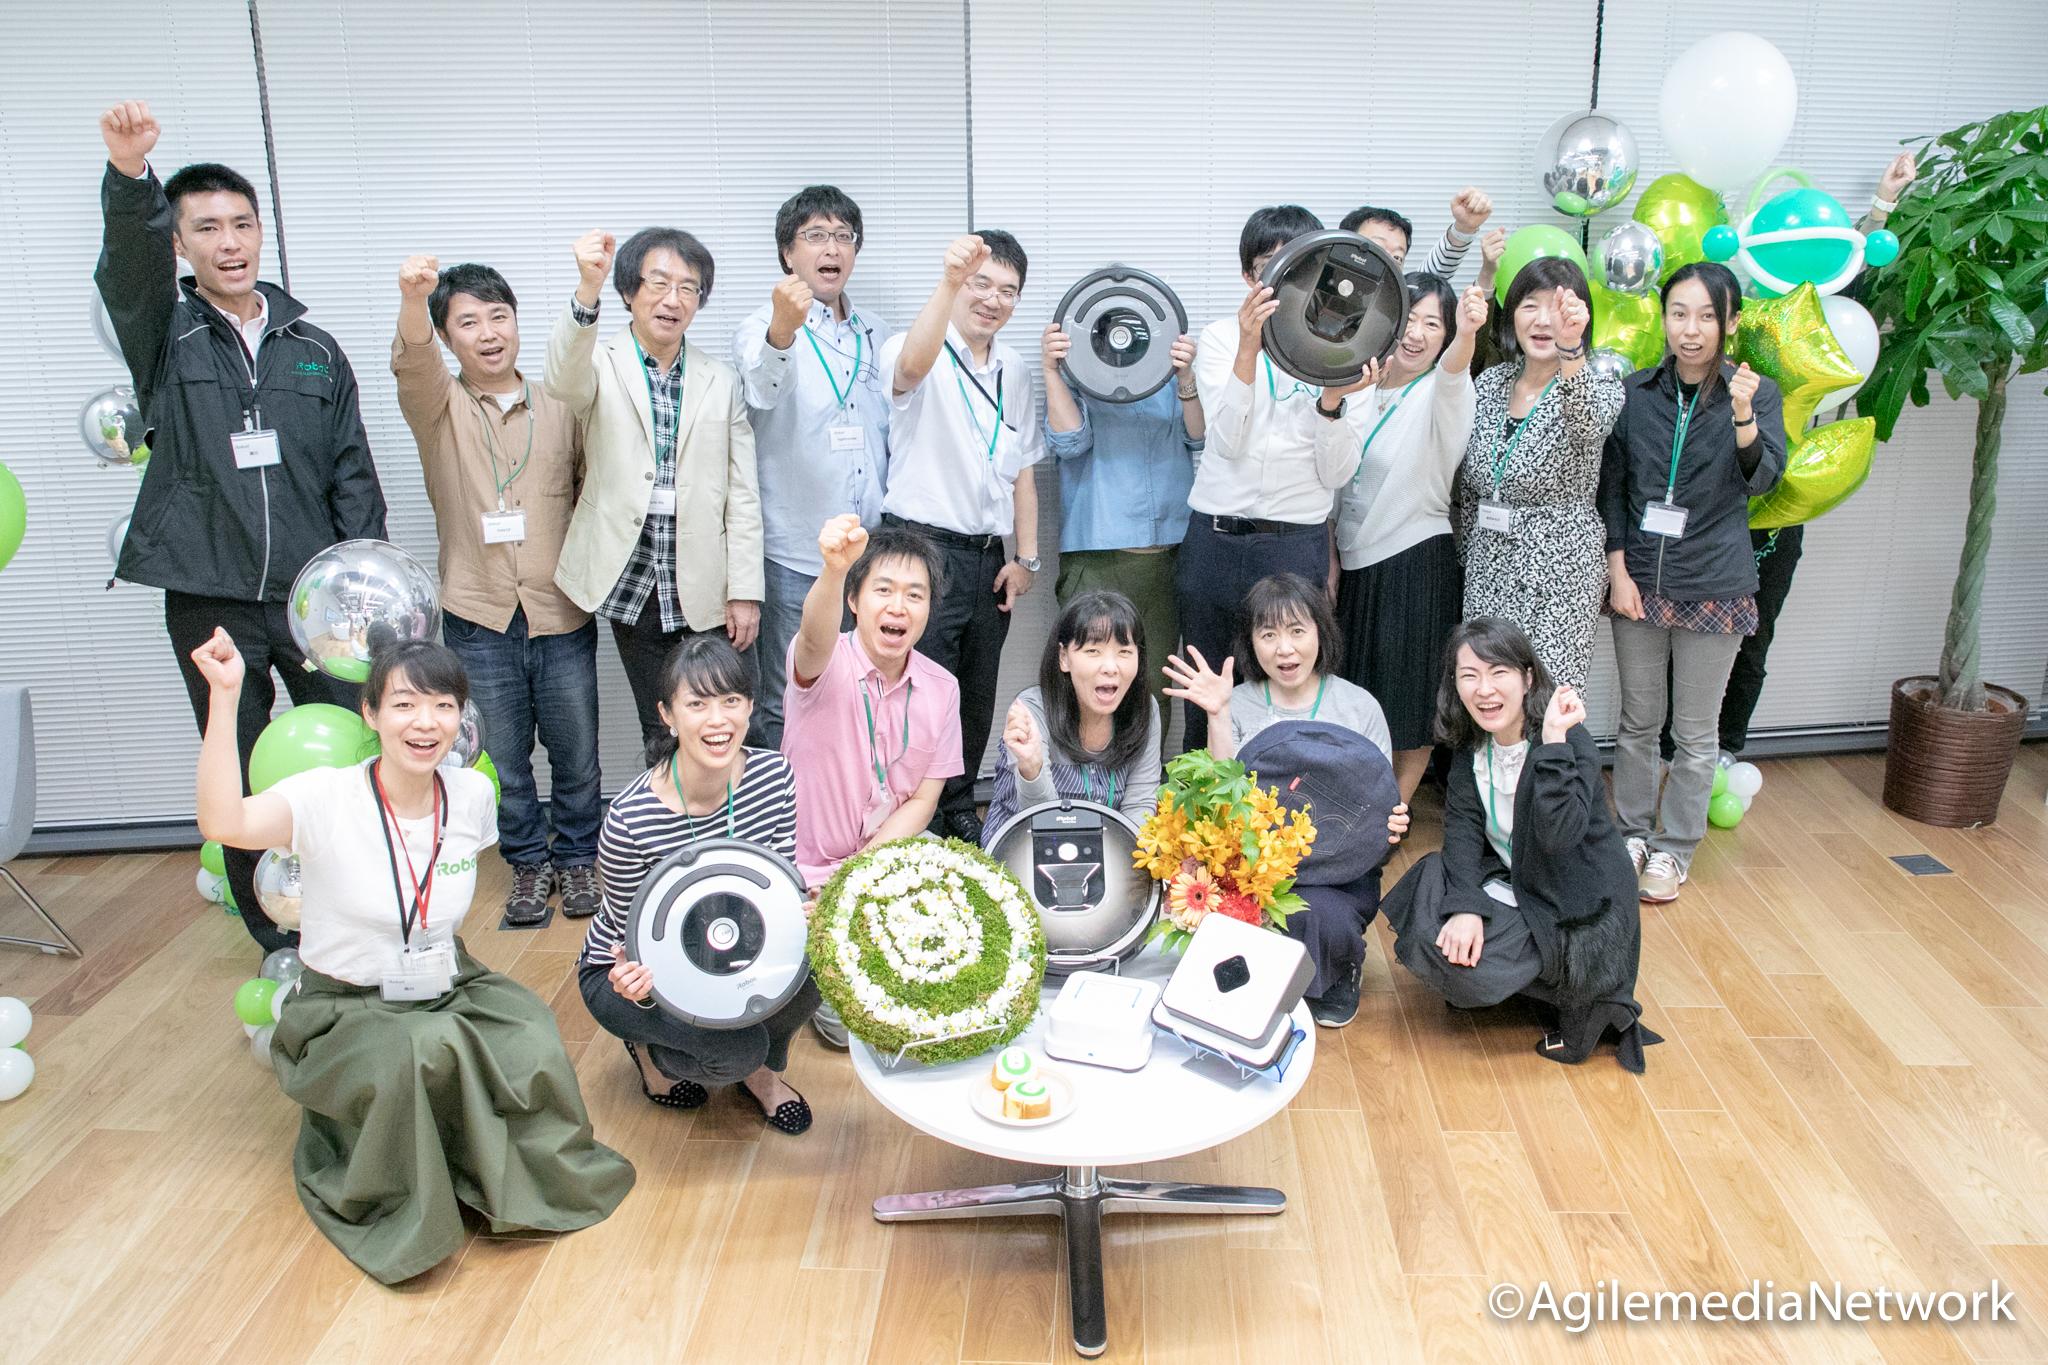 9月27日(木)アイロボット ファンプログラム「ルンバお誕生日&お手入れ」ミーティングを開催しました。